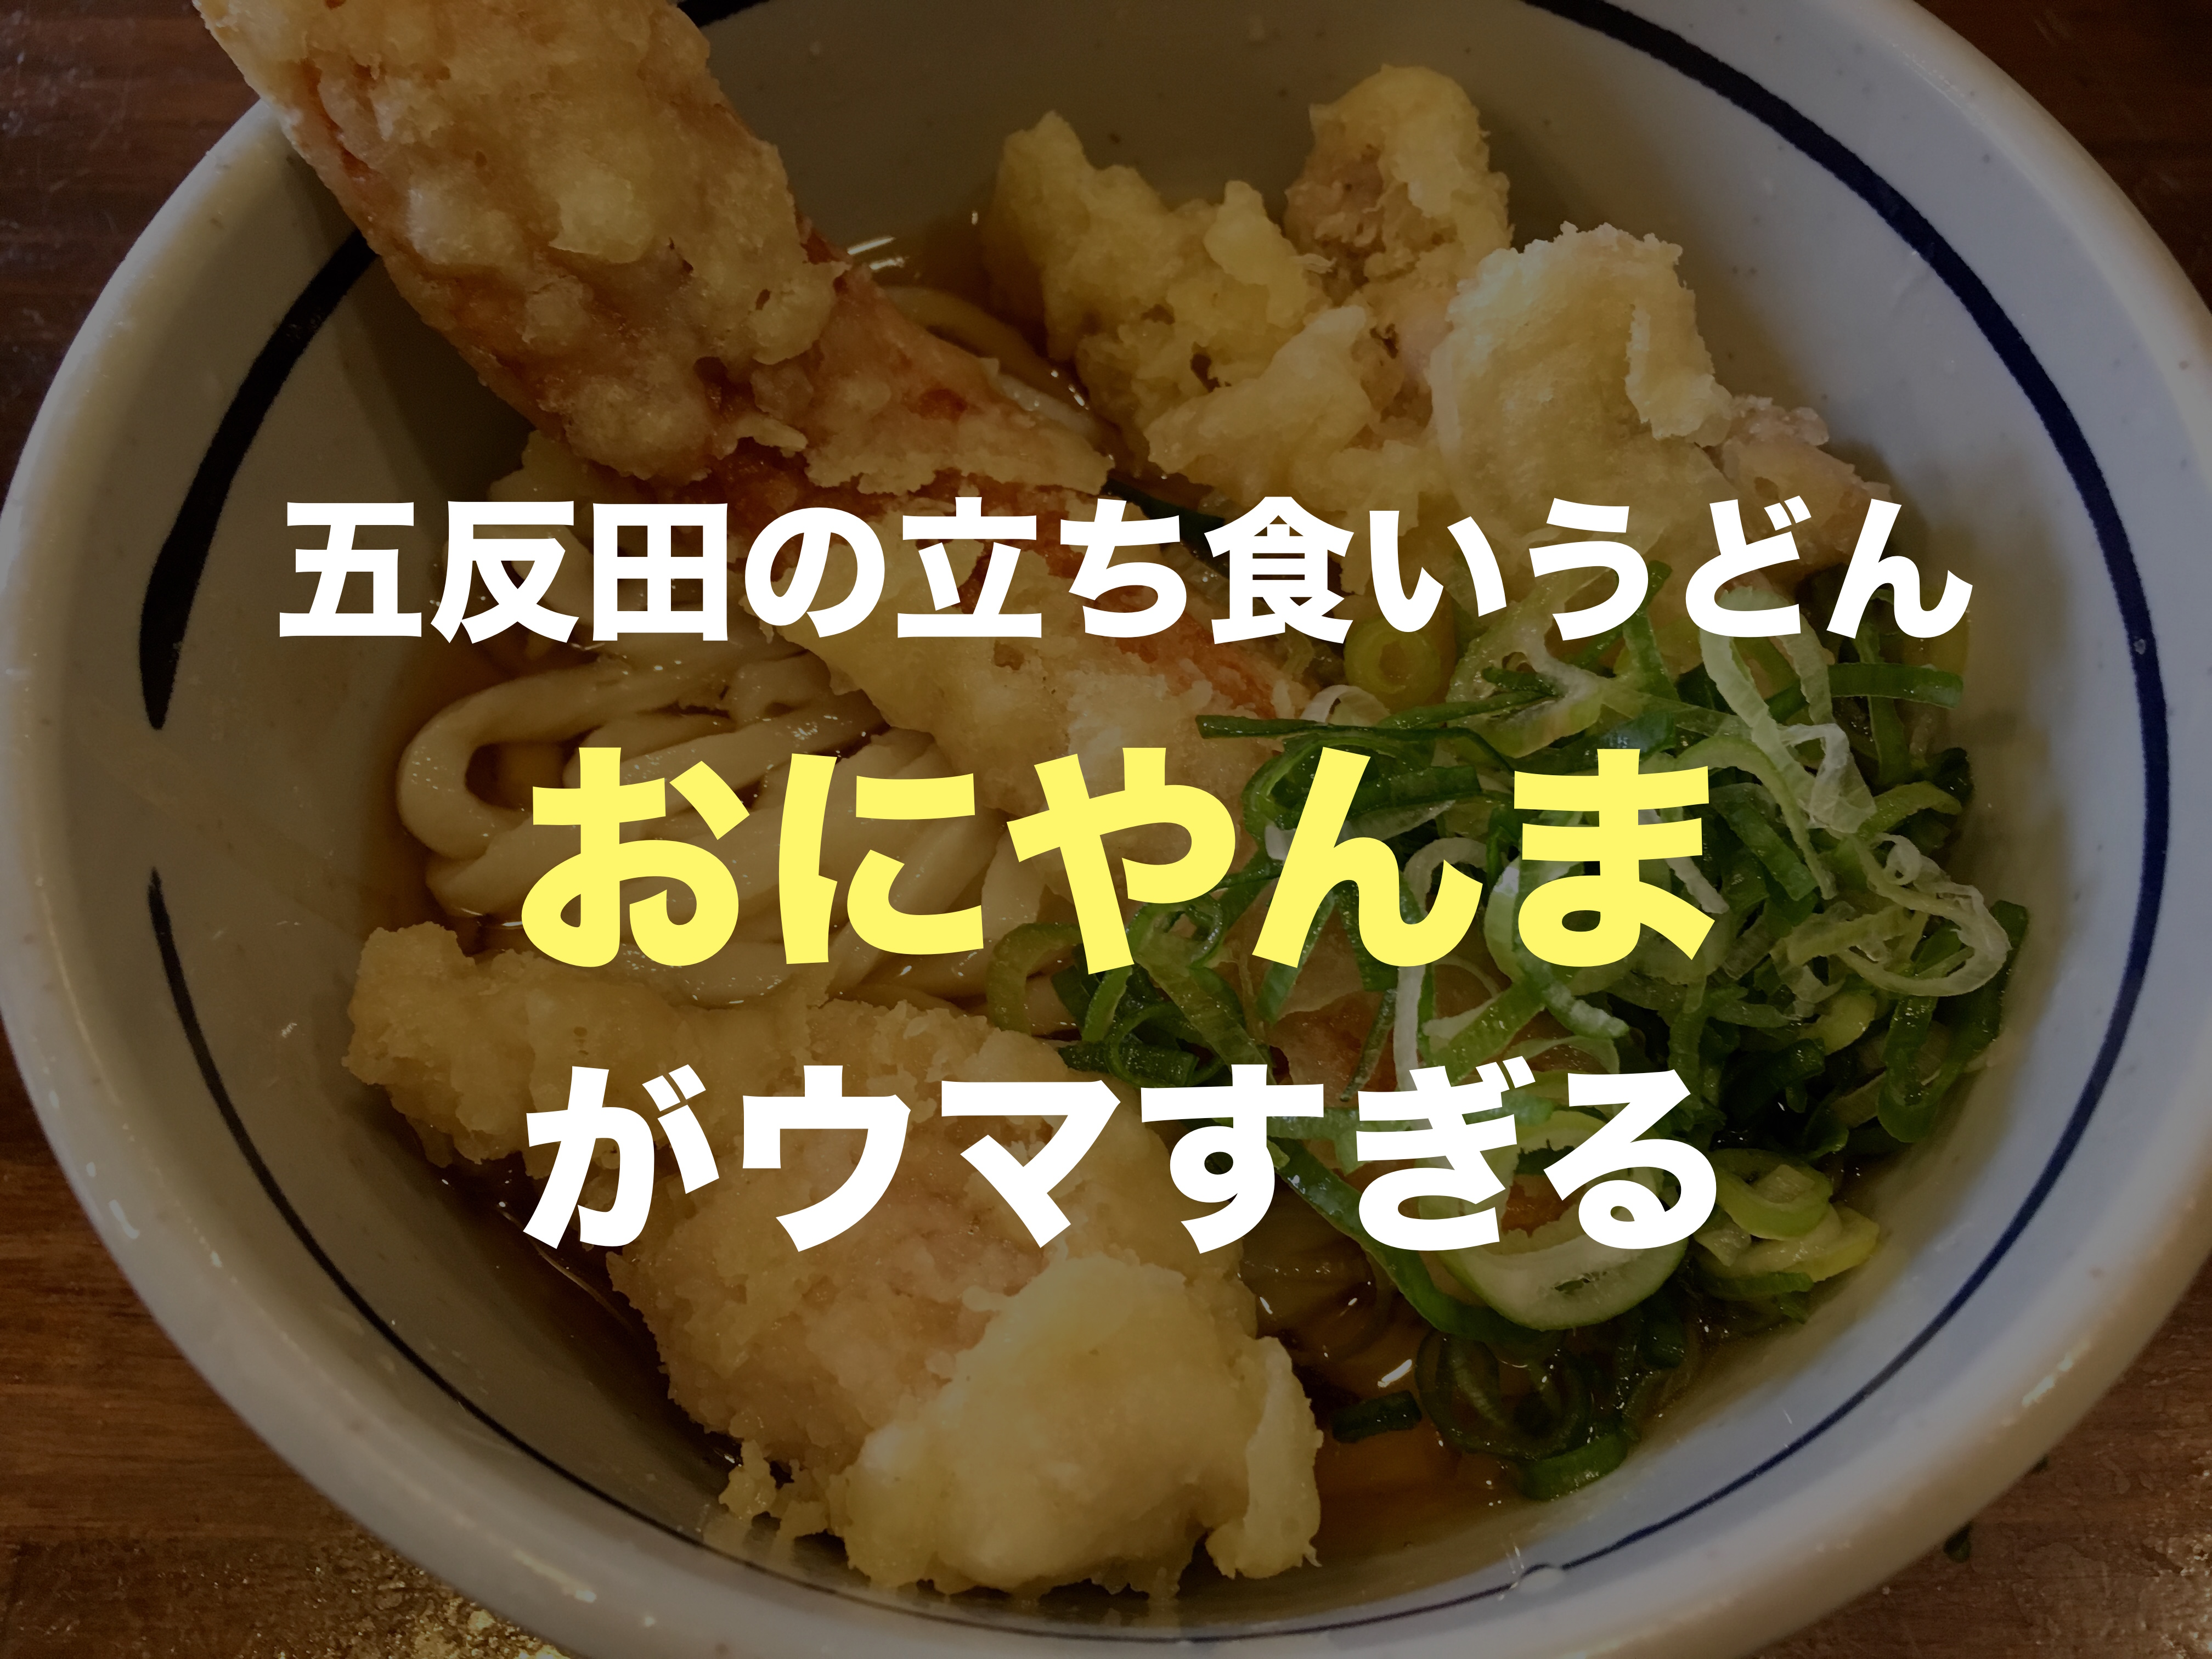 五反田の立ち食いうどん「おにやんま」が美味しい。安いのでさくっとランチにも。